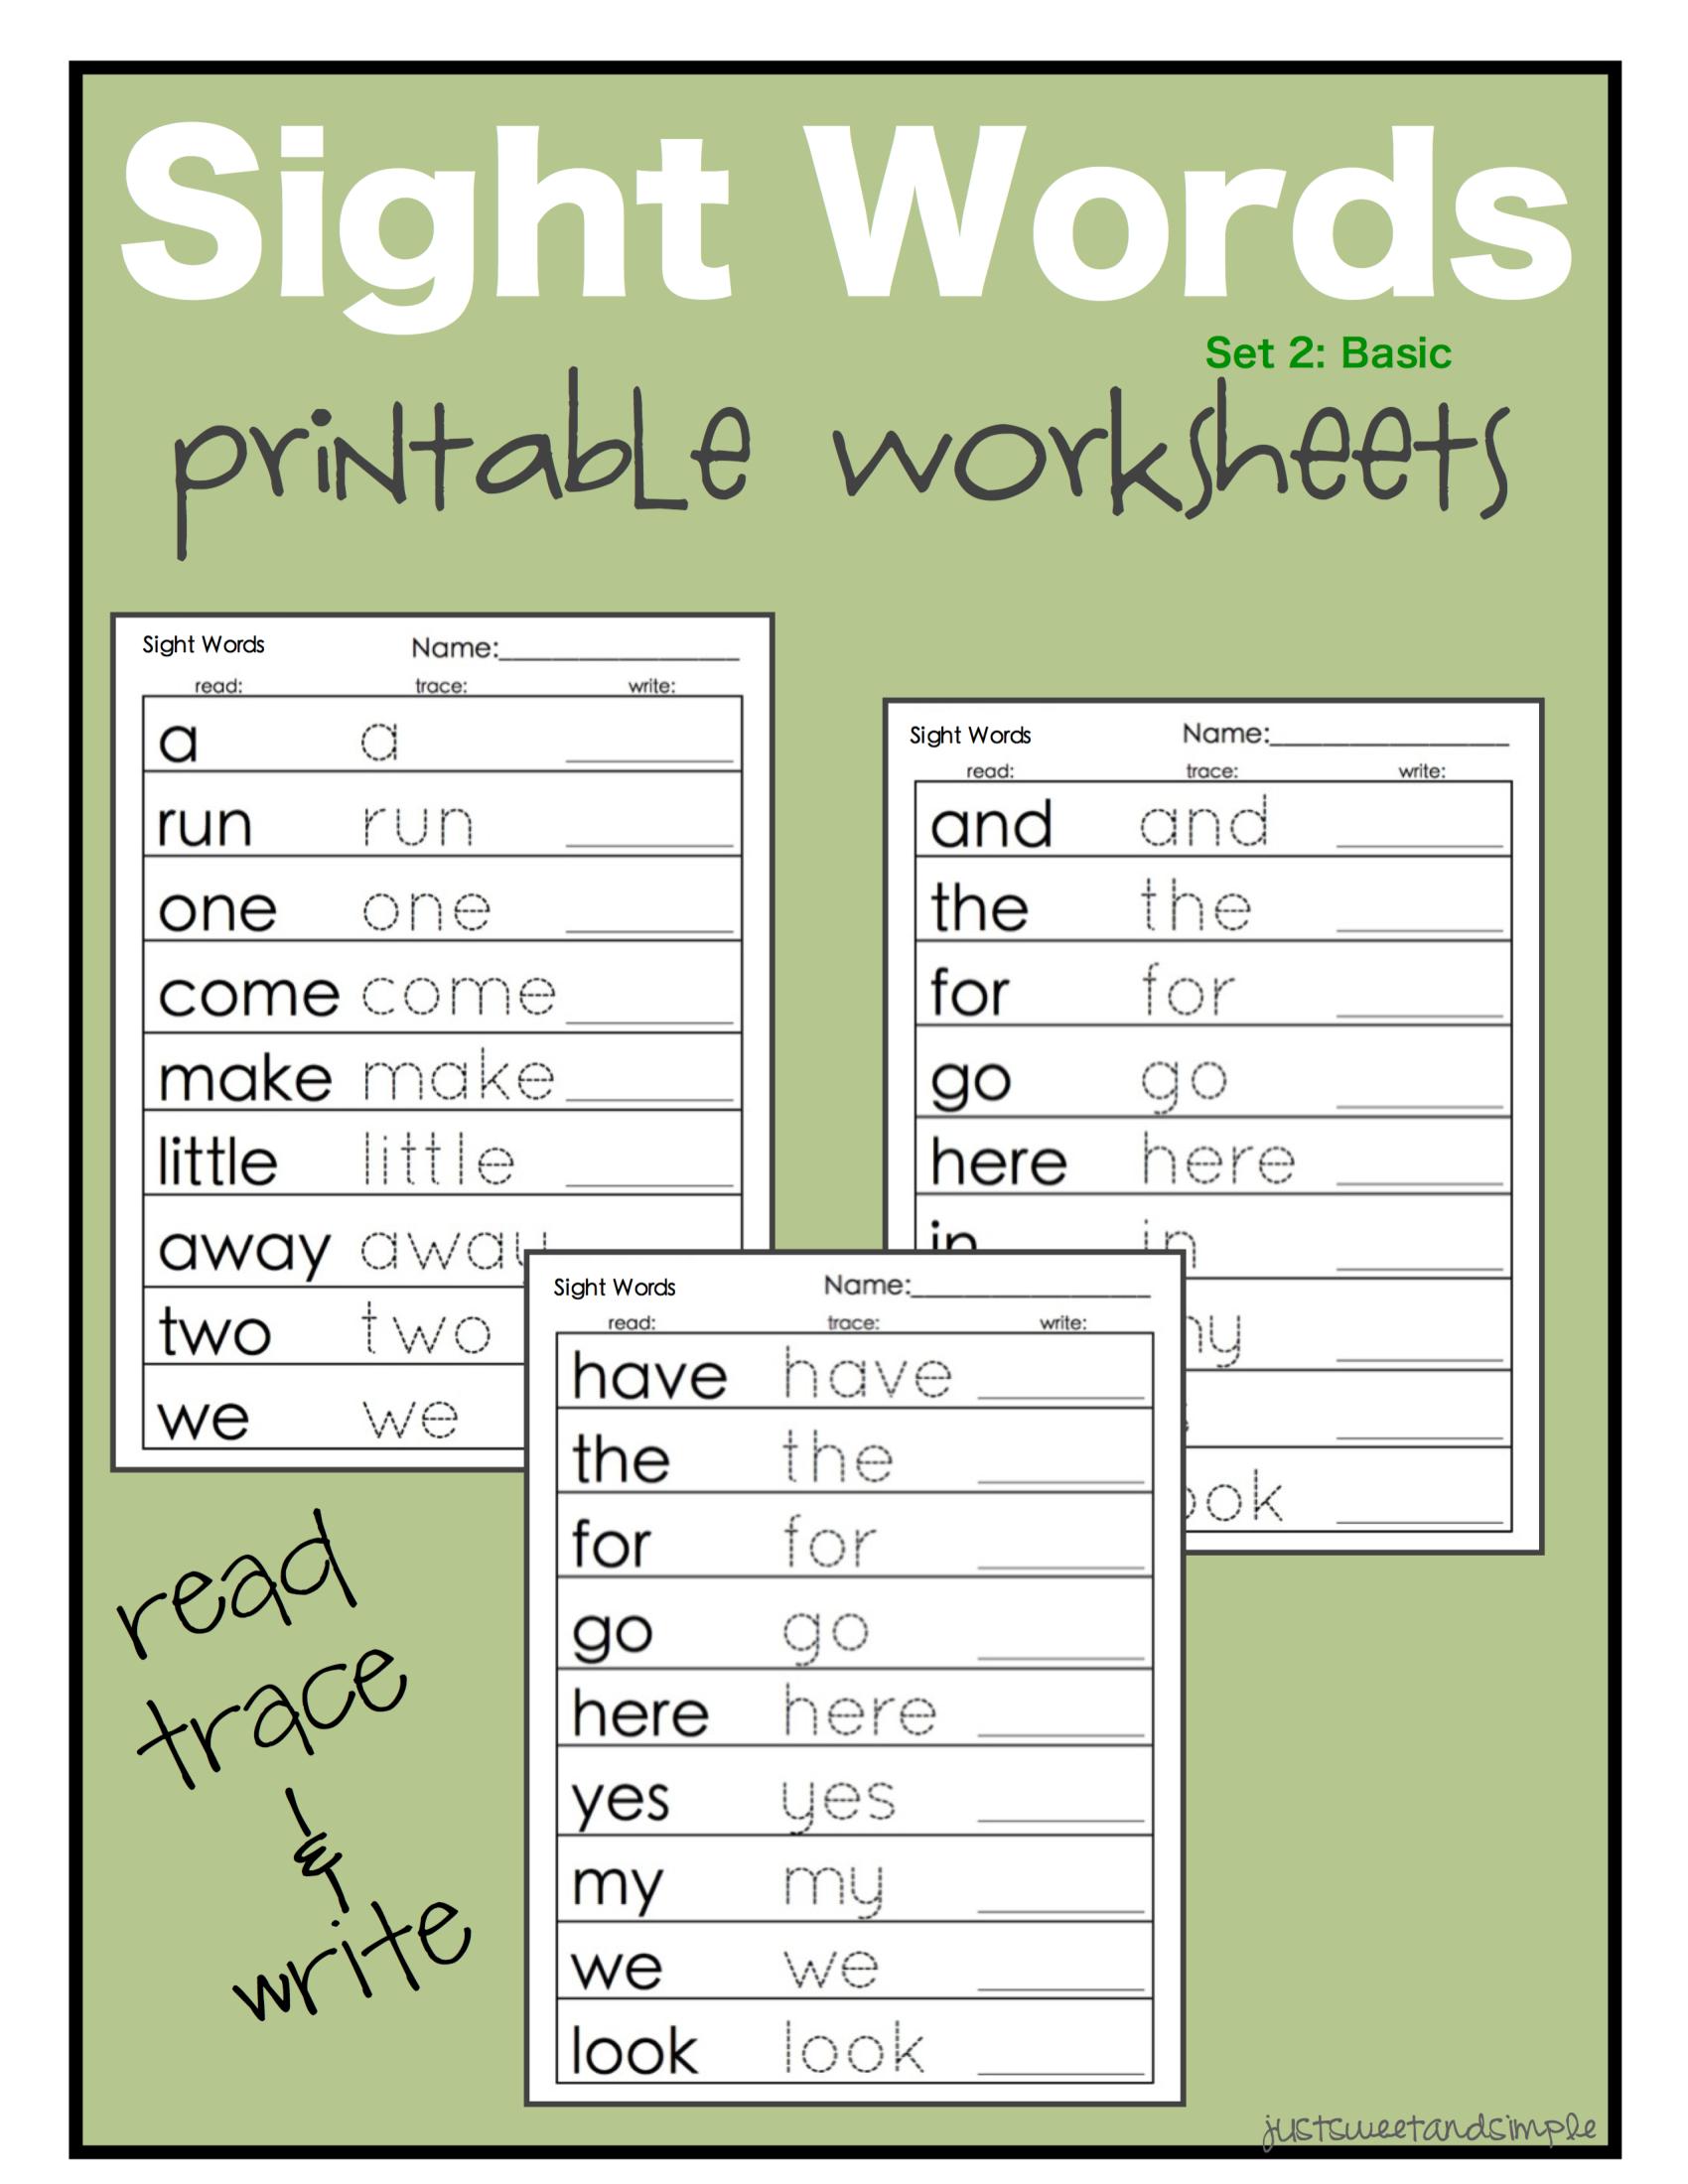 worksheet Site Word Worksheets sight words b kindergarten pinterest homeschool just sweet and simple preschool practice printable dolch site word worksheets some of it is free